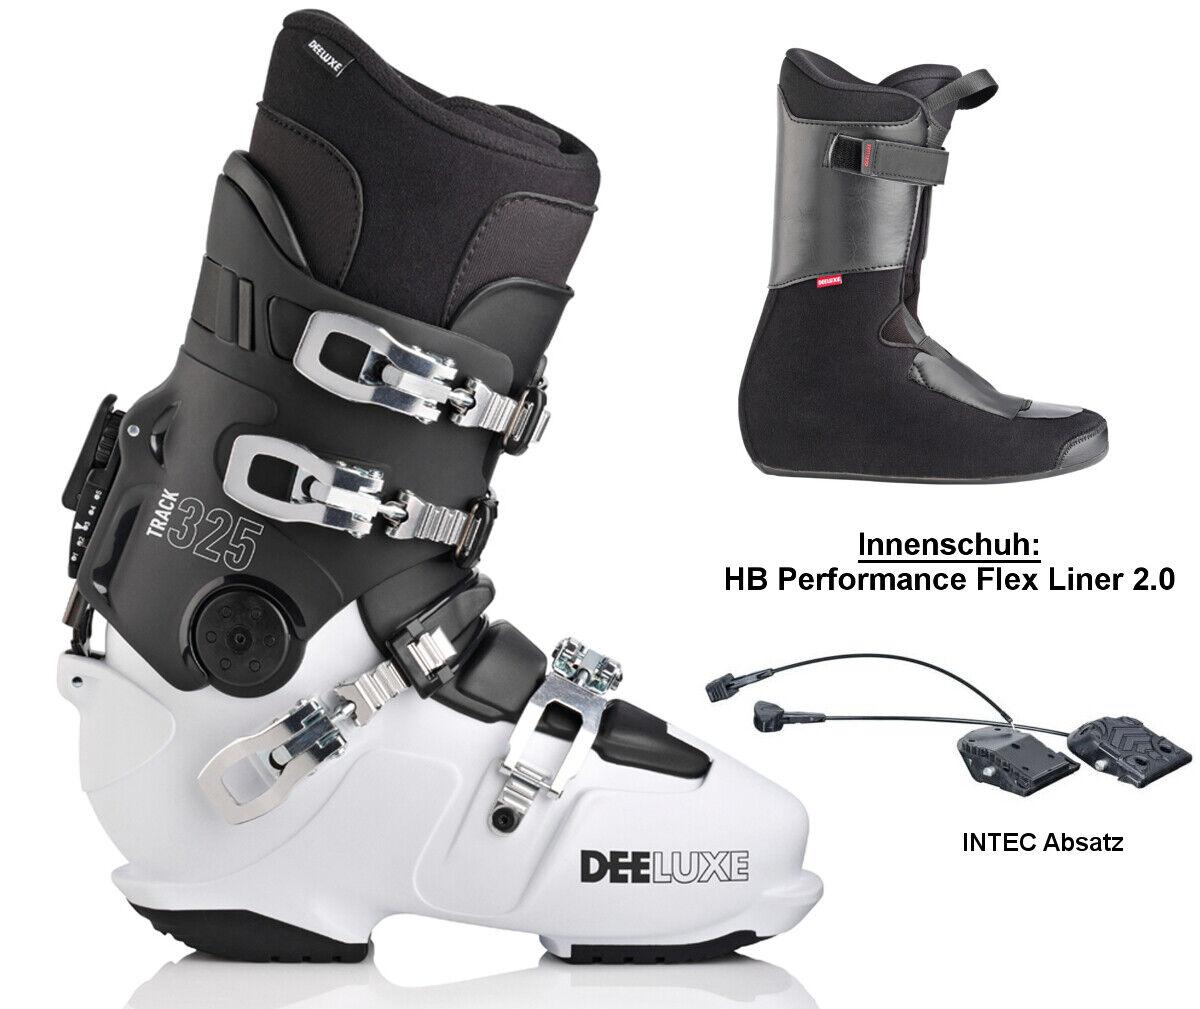 DEELUXE TRACK 325 SNOWBOARDSCHUH HARDStiefel Stiefel HP-Flex-Line-2.0 Innenschuh